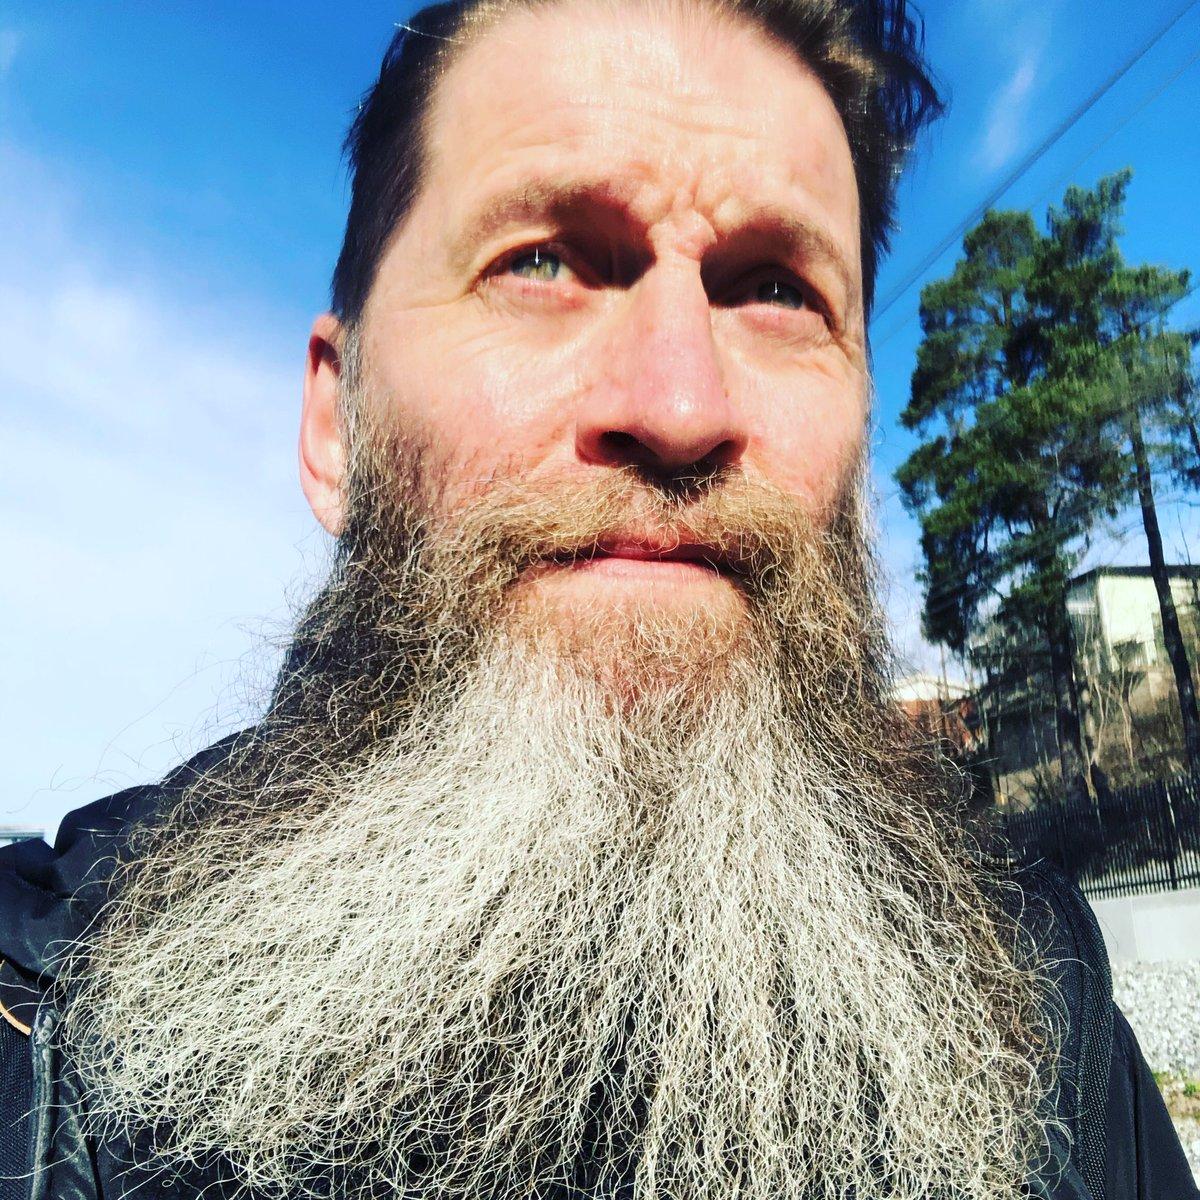 Have a great day, wash your hands and have fun! Vɪkɪɴɢ Bᴇᴀʀᴅ Cʟᴜʙ Sᴡᴇᴅᴇɴ#VikingBeardClubSweden #VBCSweden #SwedishDrakkar #VikingBeardClub #VBC #Viking #Beardclub #Family  #Vikings #drakkar #themanclub #brotherhood #beardedgentlemen #swedishbeard #beardclubpic.twitter.com/99Et6rycBx